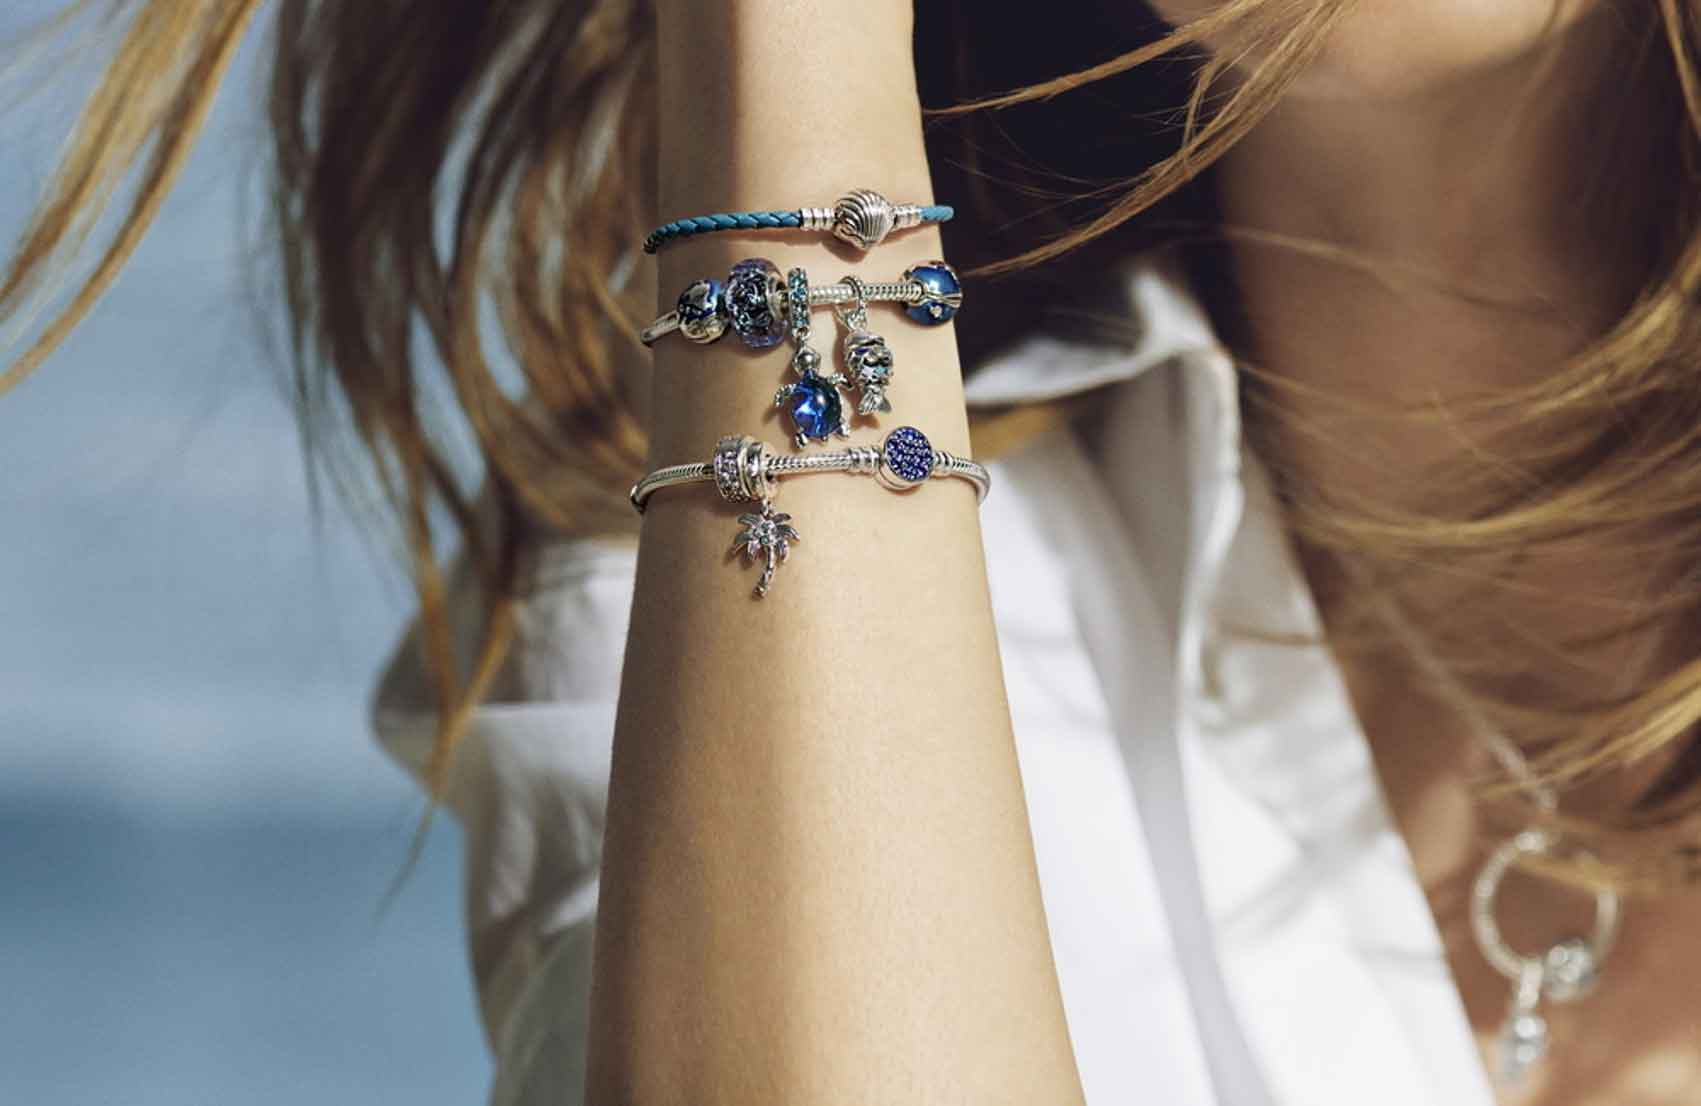 תכשיטי-Pandora-תכשיטי-פנדורה-אופנה